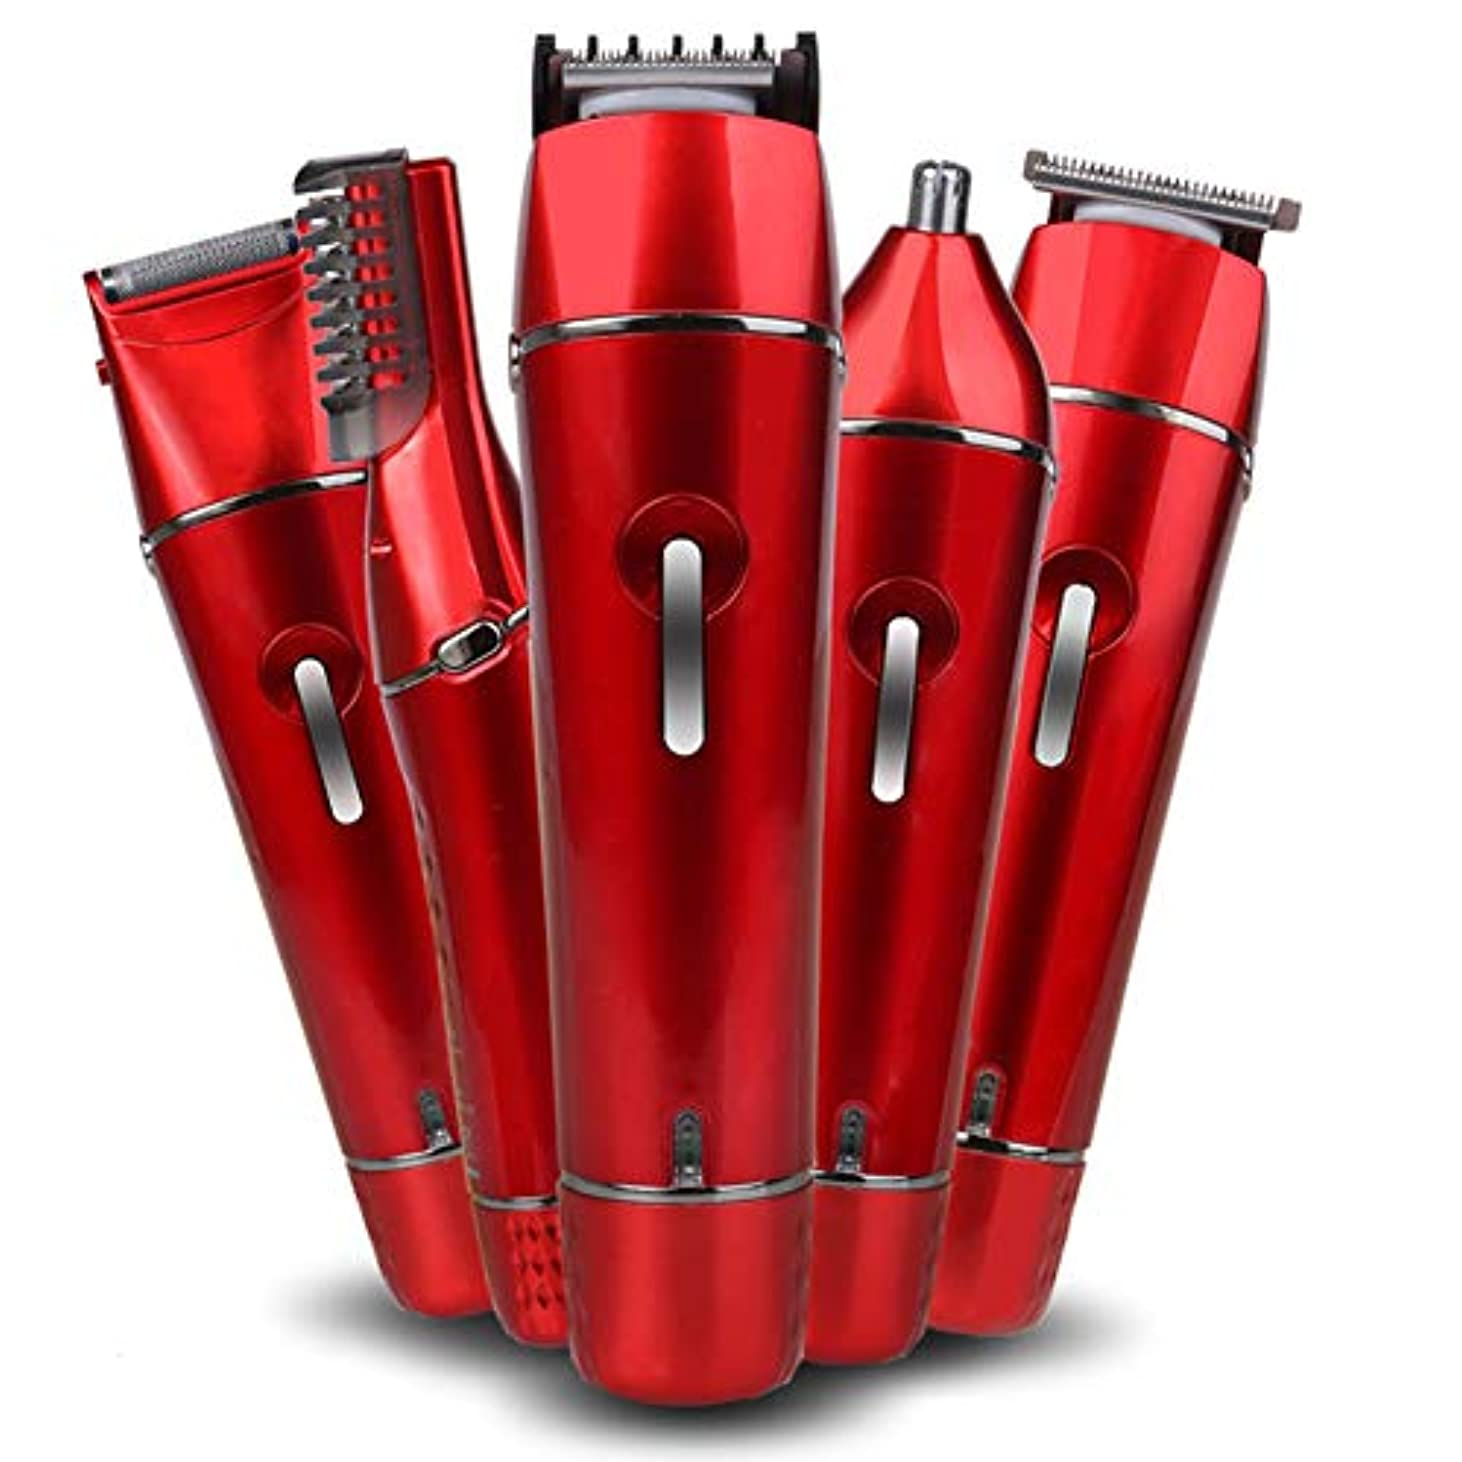 縮約散らすバング女性のヘアリムーバー、5 in 1 USB充電式レディース電気シェーバー、女性用かみそりビキニトリマー、顔/ボディ/脇下/脚用,Red